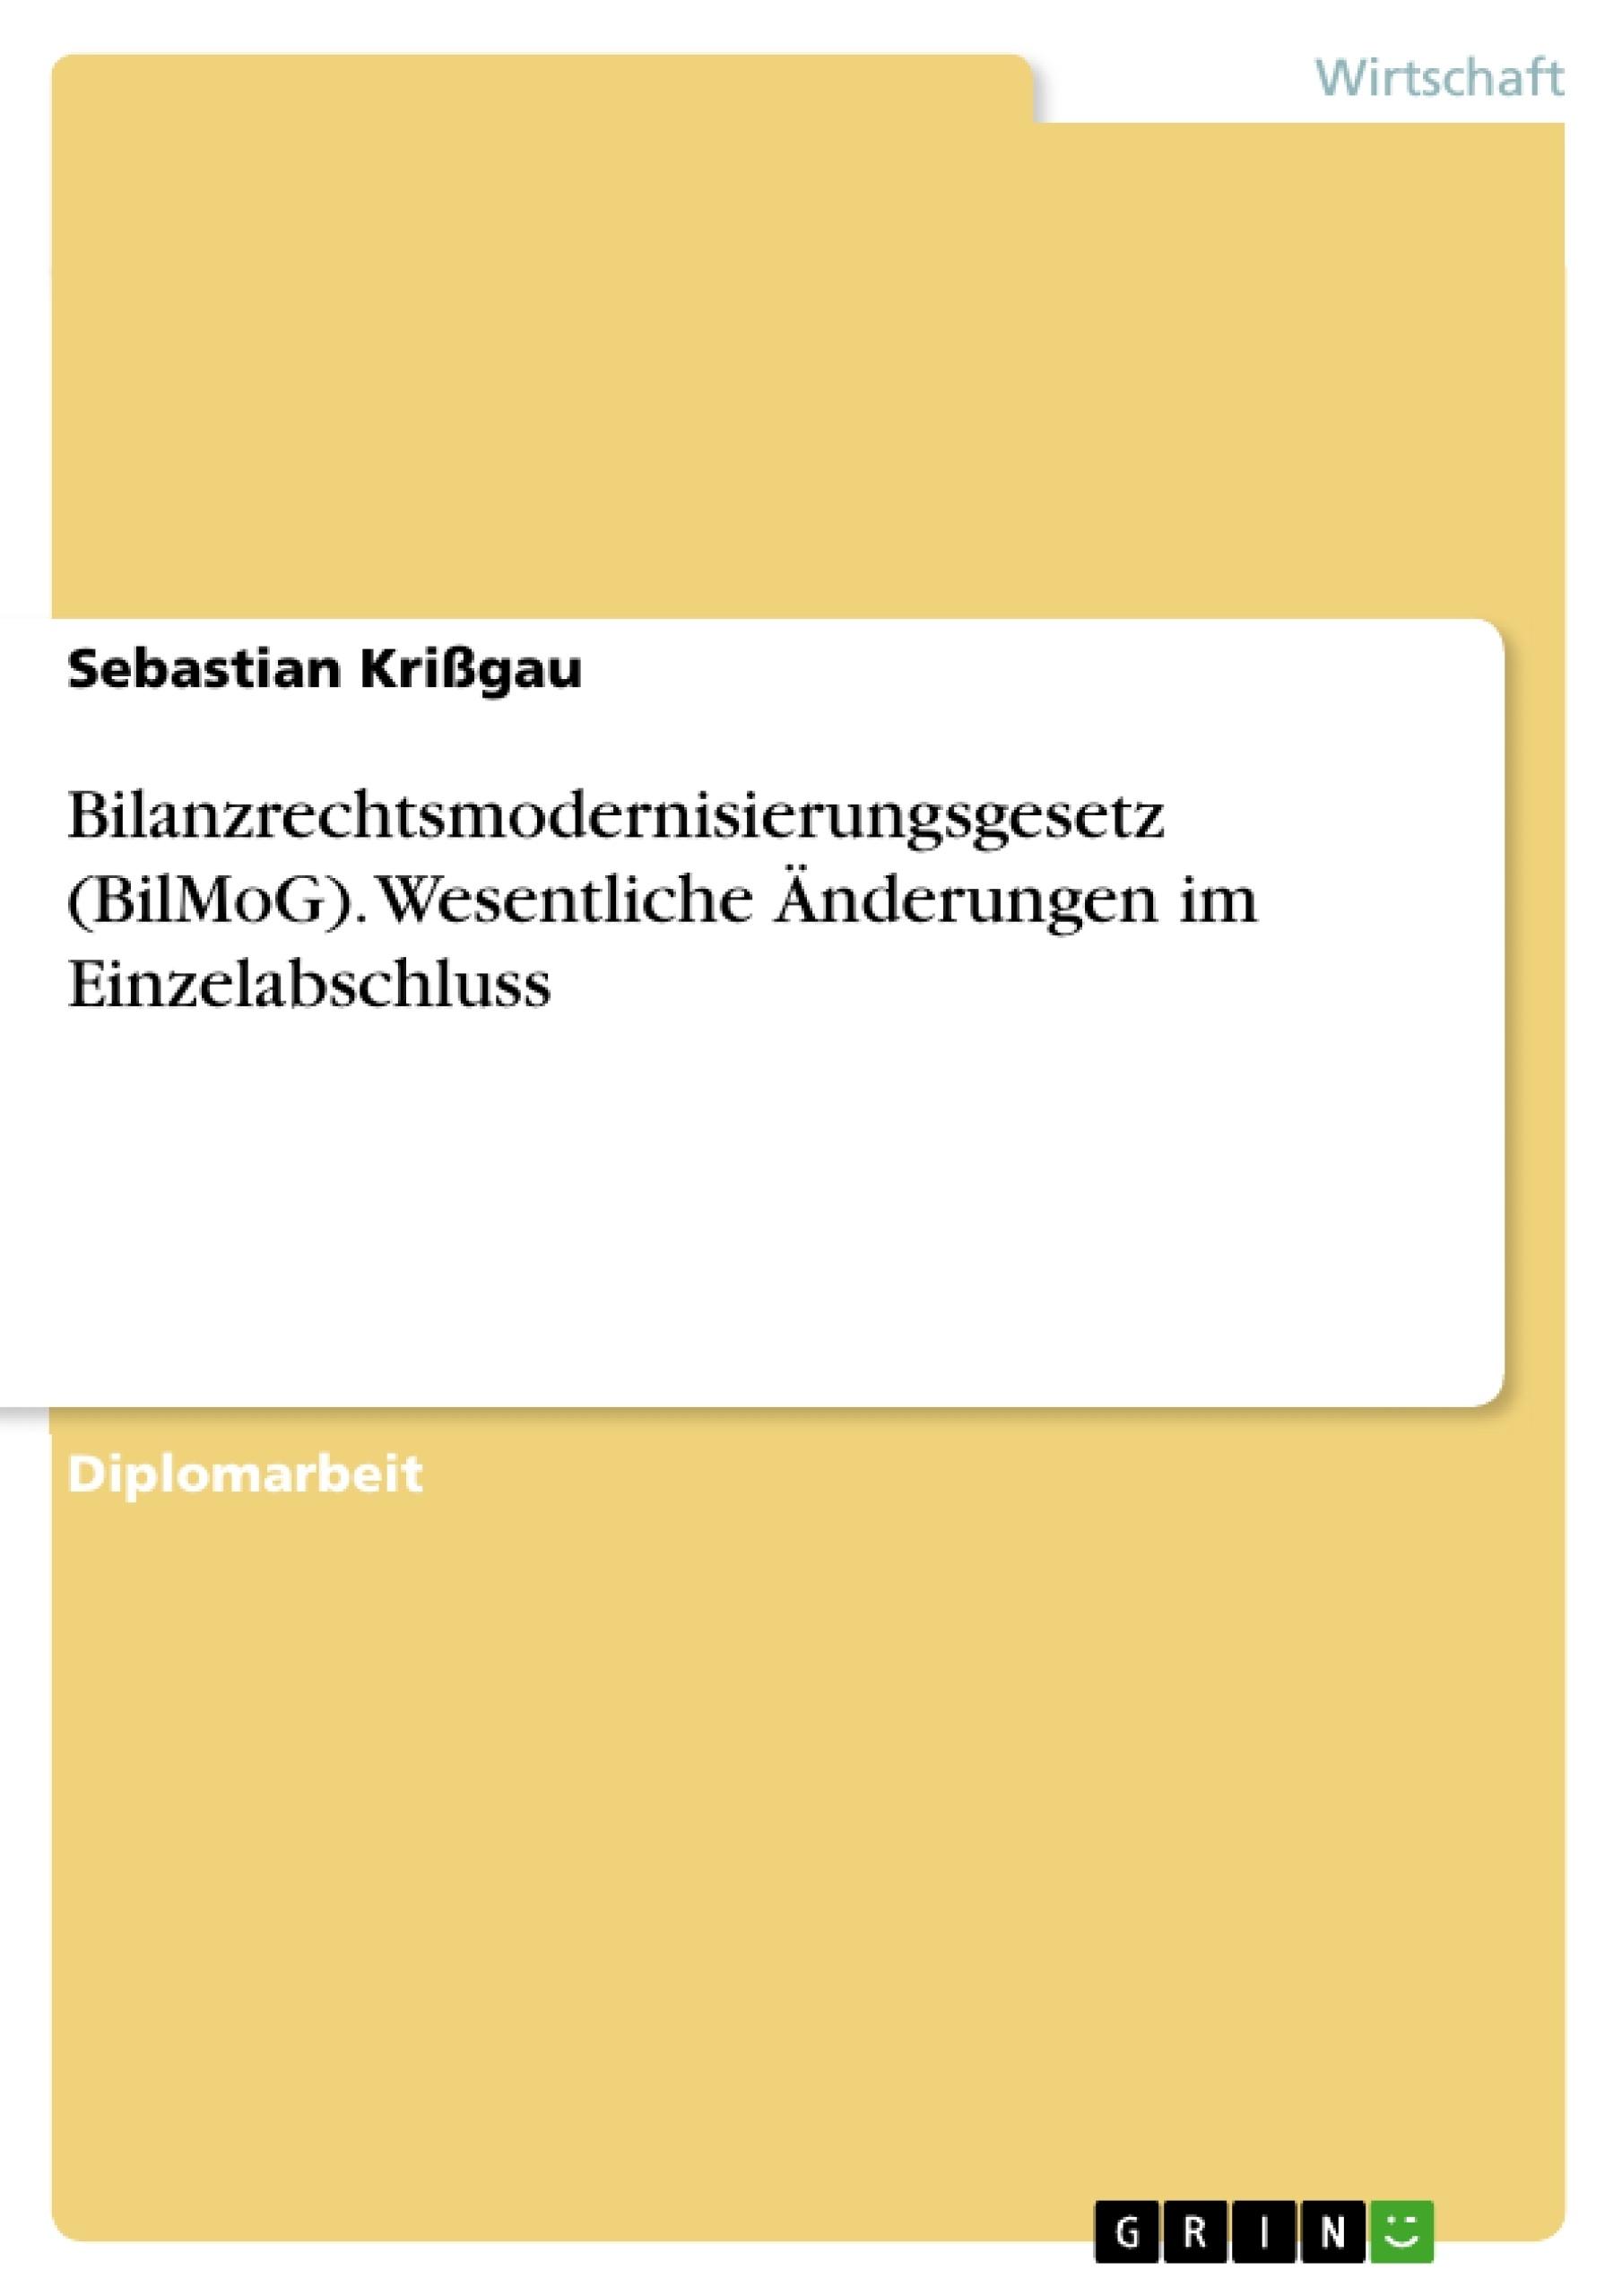 Titel: Bilanzrechtsmodernisierungsgesetz (BilMoG). Wesentliche Änderungen im Einzelabschluss